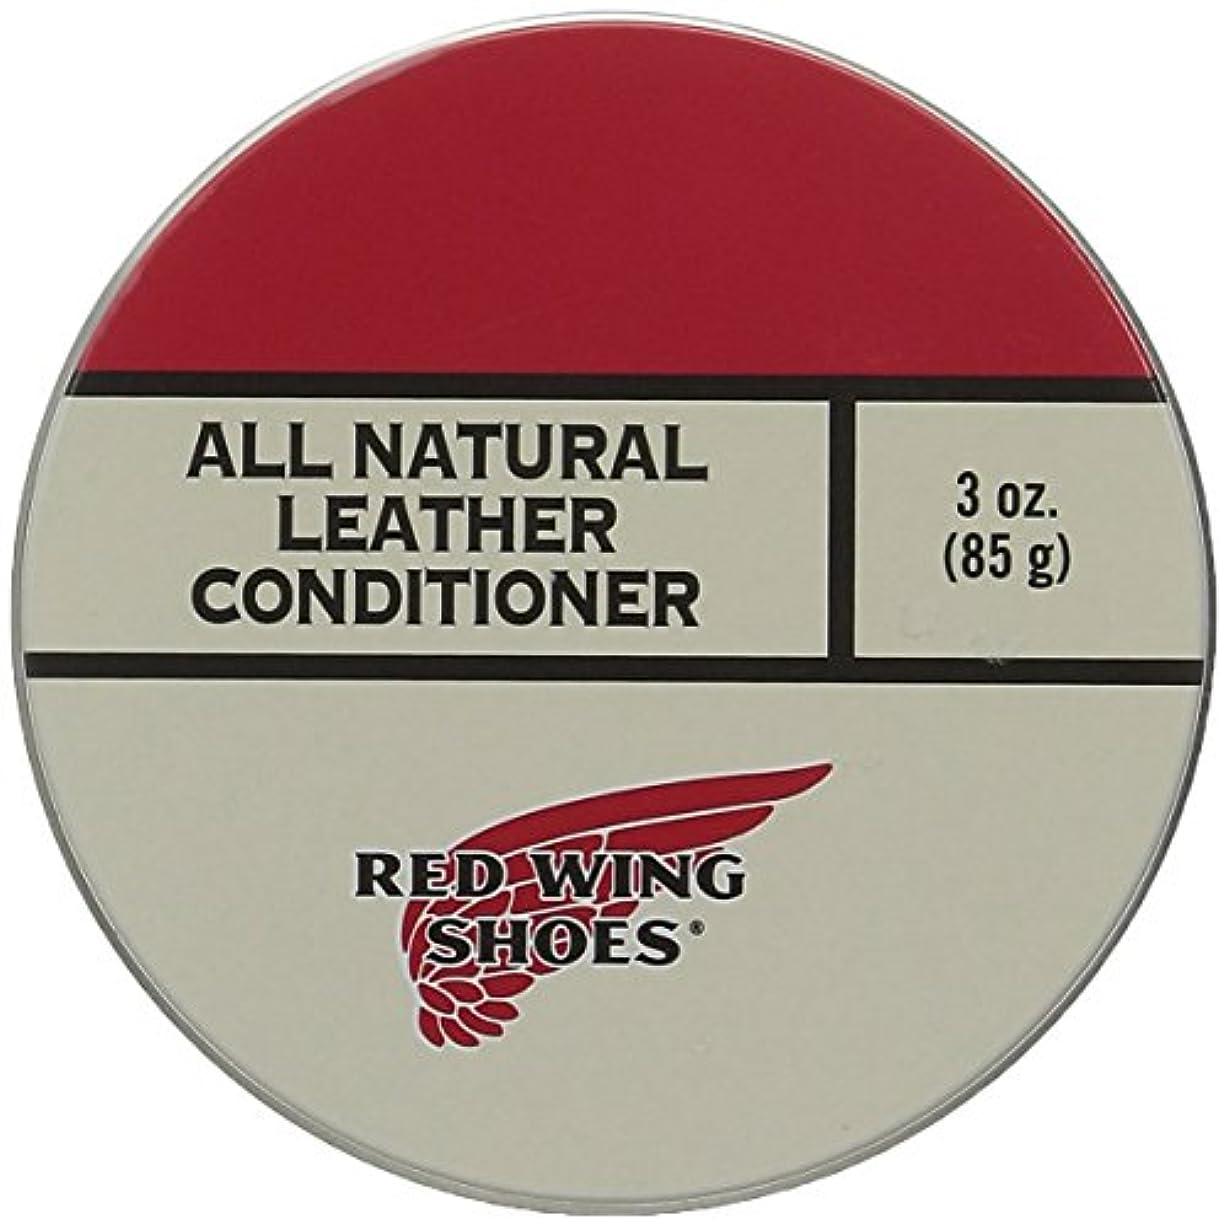 気候の山ポスターチャップ[レッドウイング] REDWING BOOT CARE All Natural Leather Conidtionner オールナチュラル?レザーコンディショナー 97104